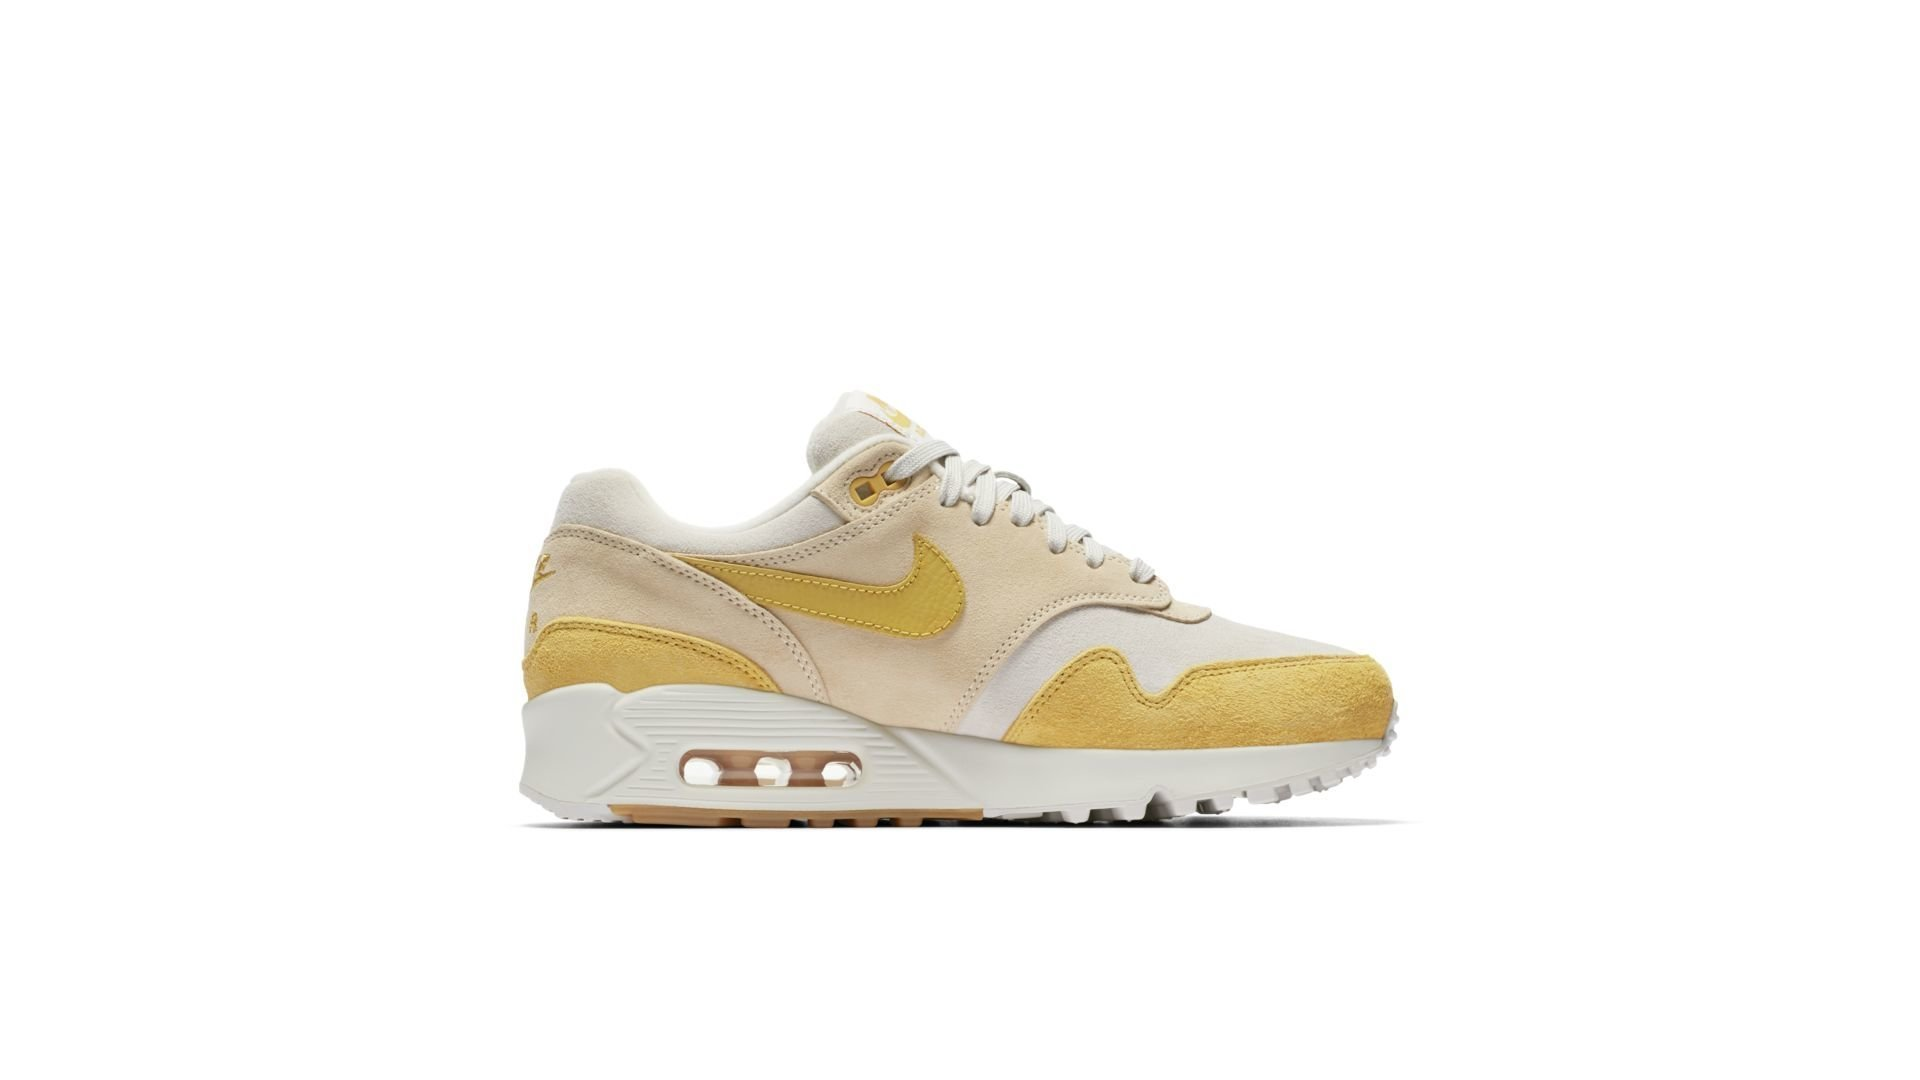 Nike Wmns Air Max 90/1 'Wheat Gold' (AQ1273-800)